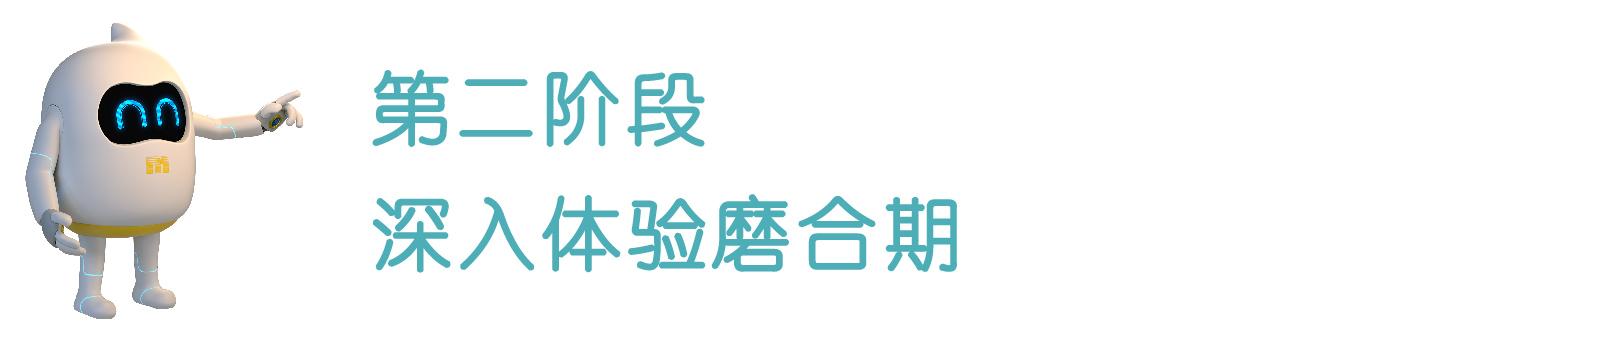 大湾区 租屋 楼价 地产 买楼 香港楼价 楼市成交 新盘